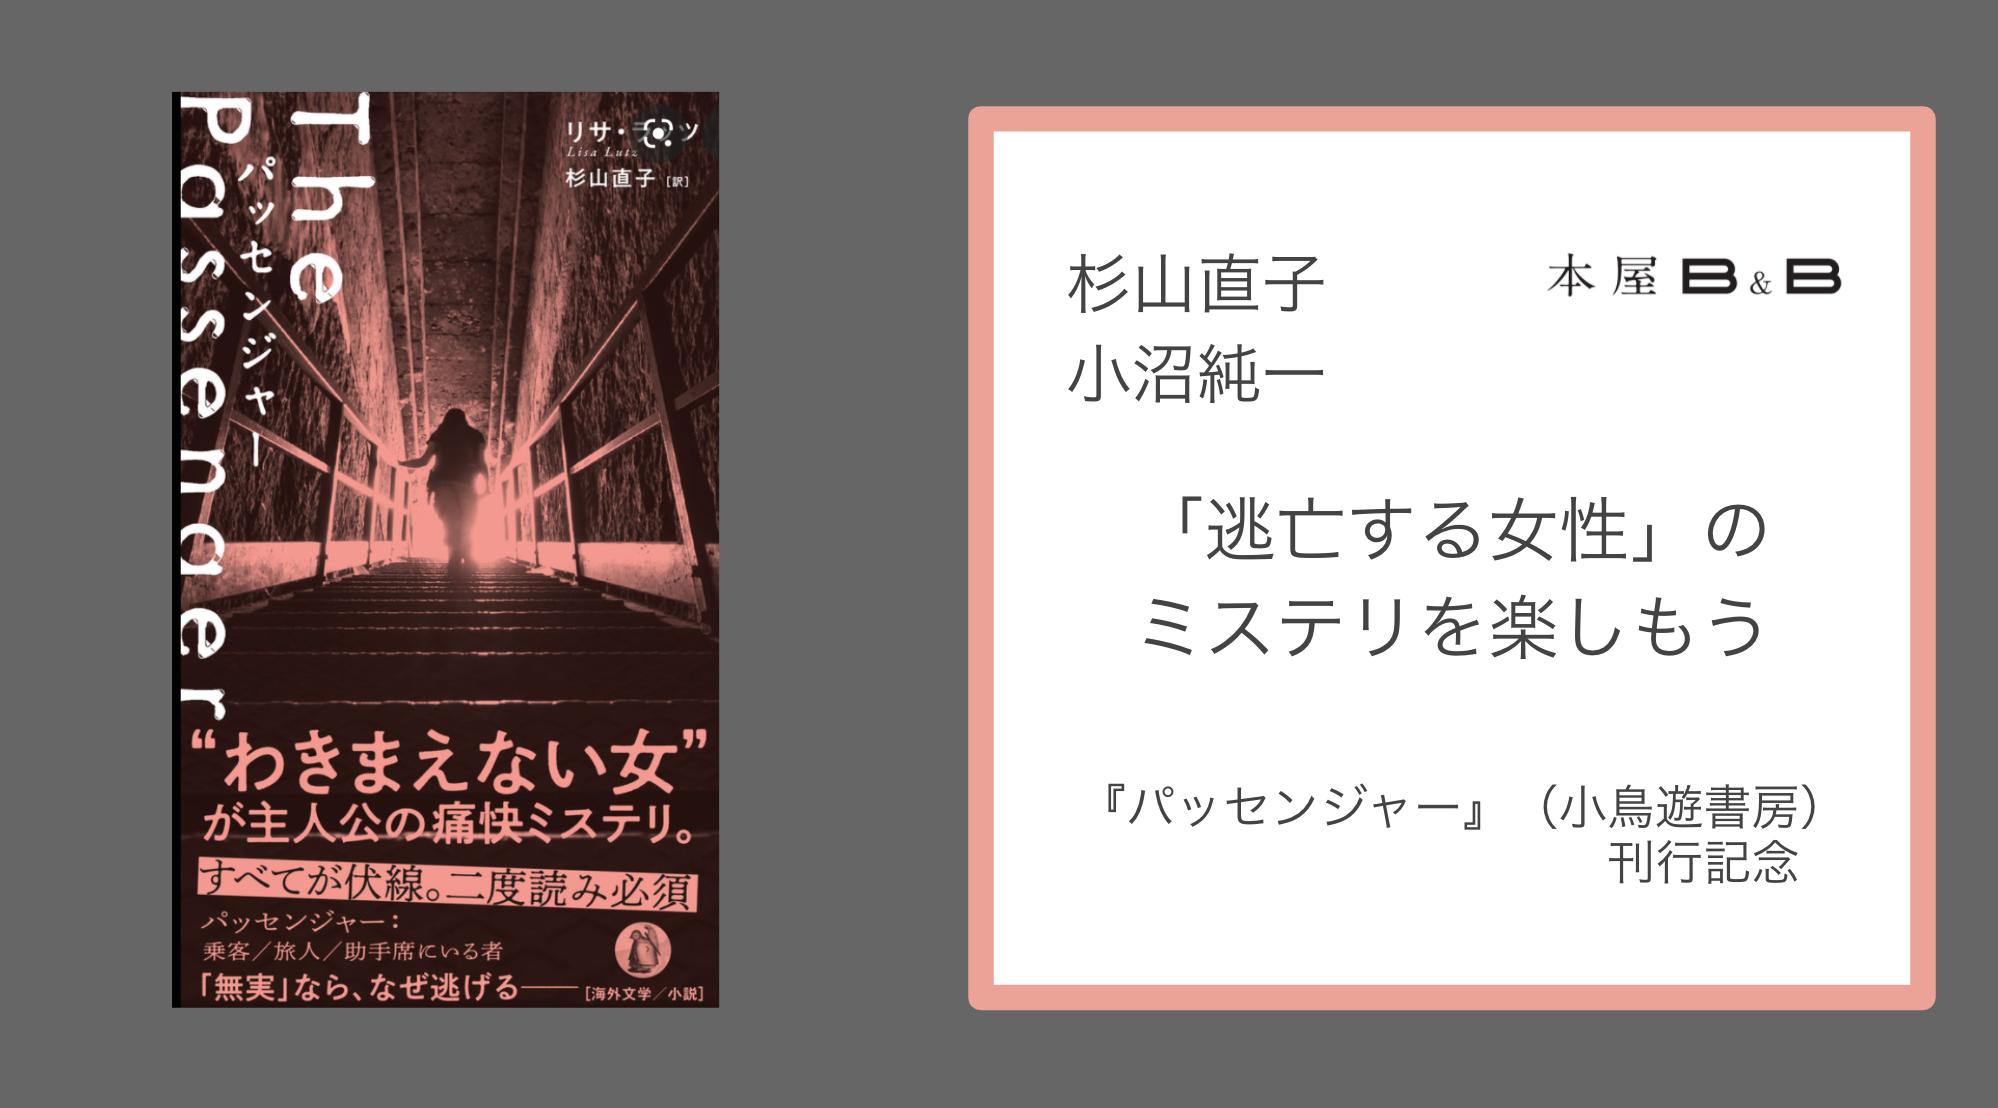 バナー_杉山直子×小沼純一「「逃亡する女性」のミステリを楽しもう」『パッセンジャー』(小鳥遊書房)刊行記念